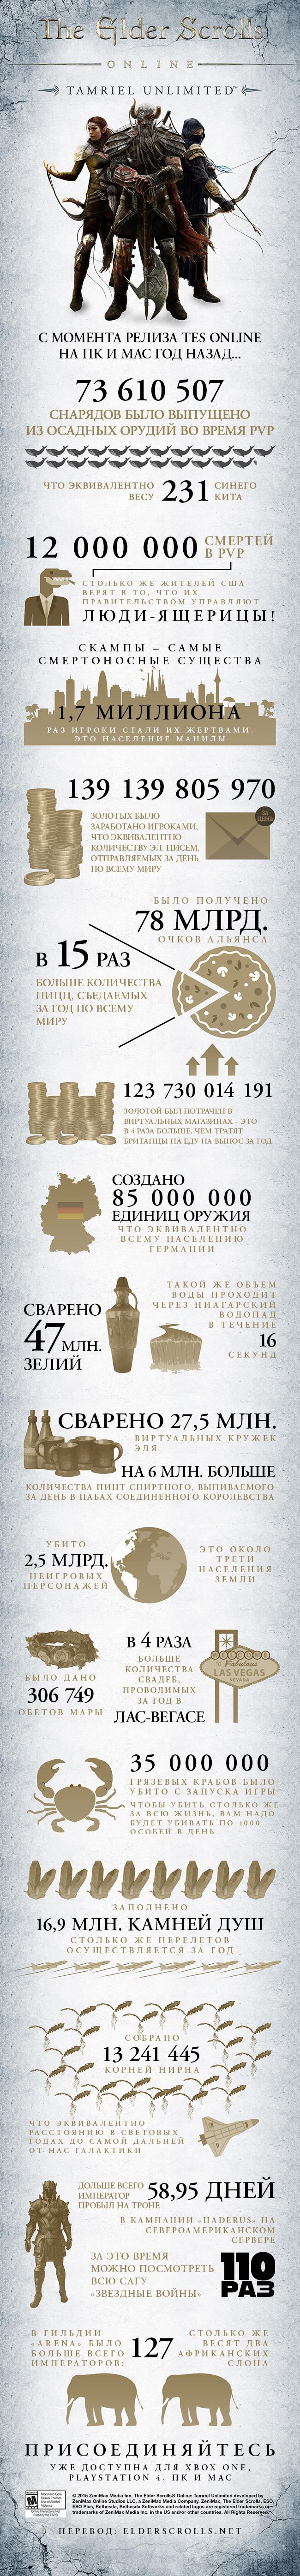 ESO_TU_infographic_Rus_Full